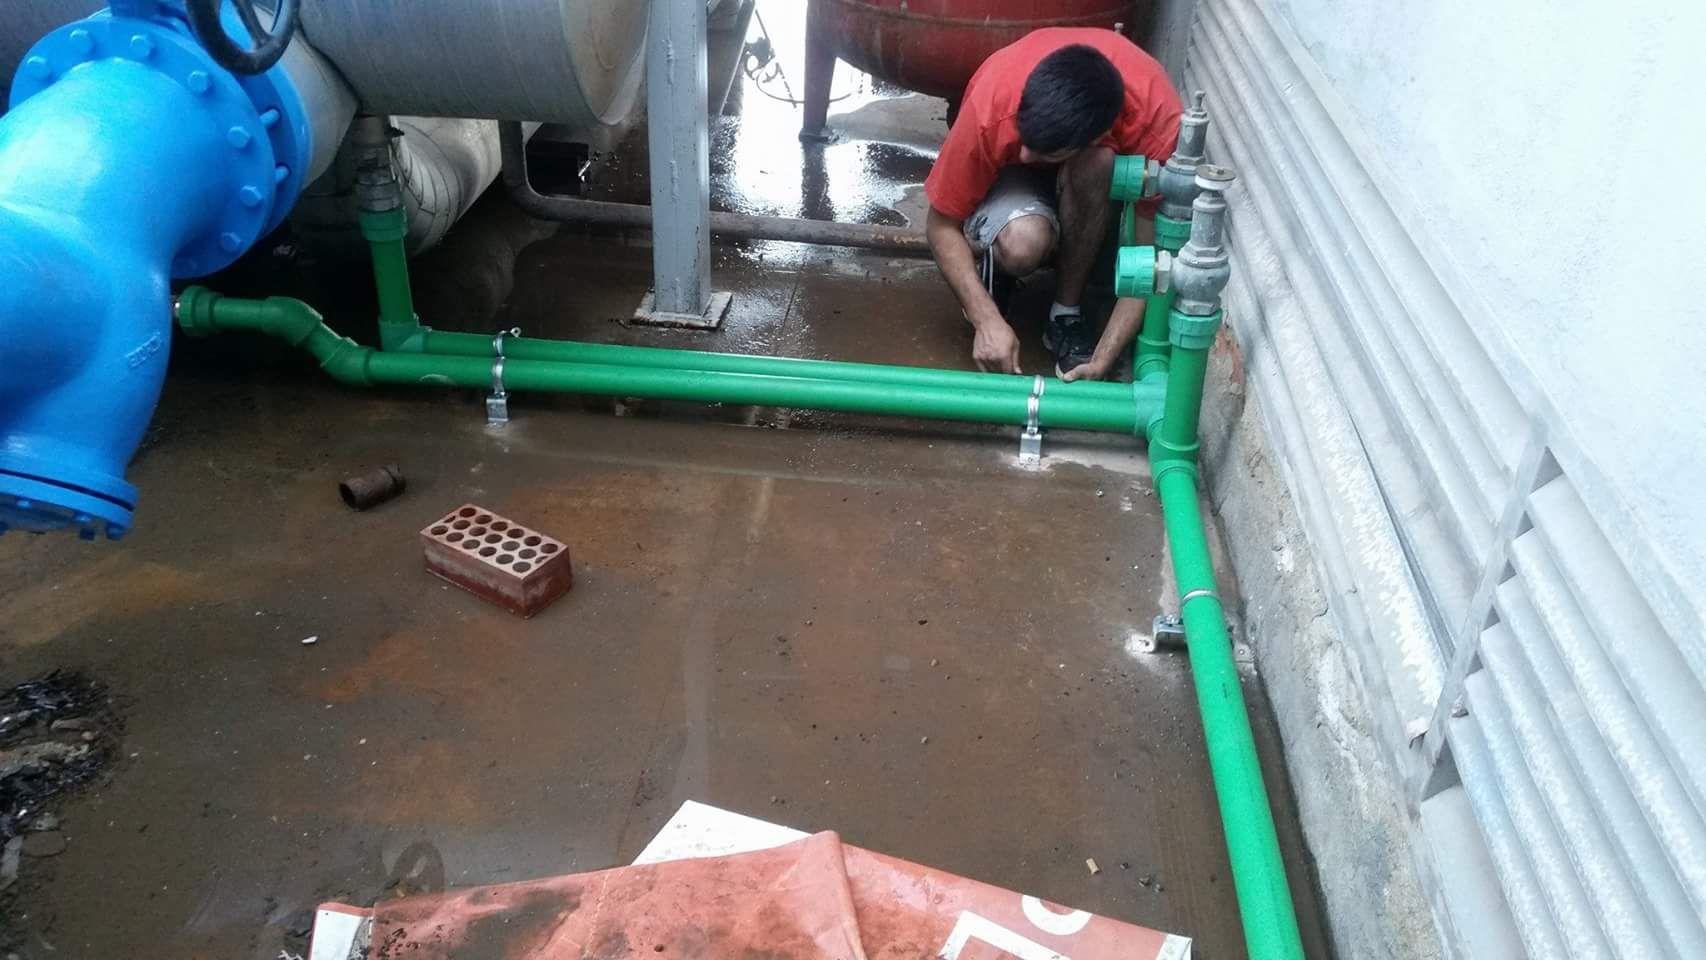 Instalación y mantenimiento de gas y fontanería en Valencia